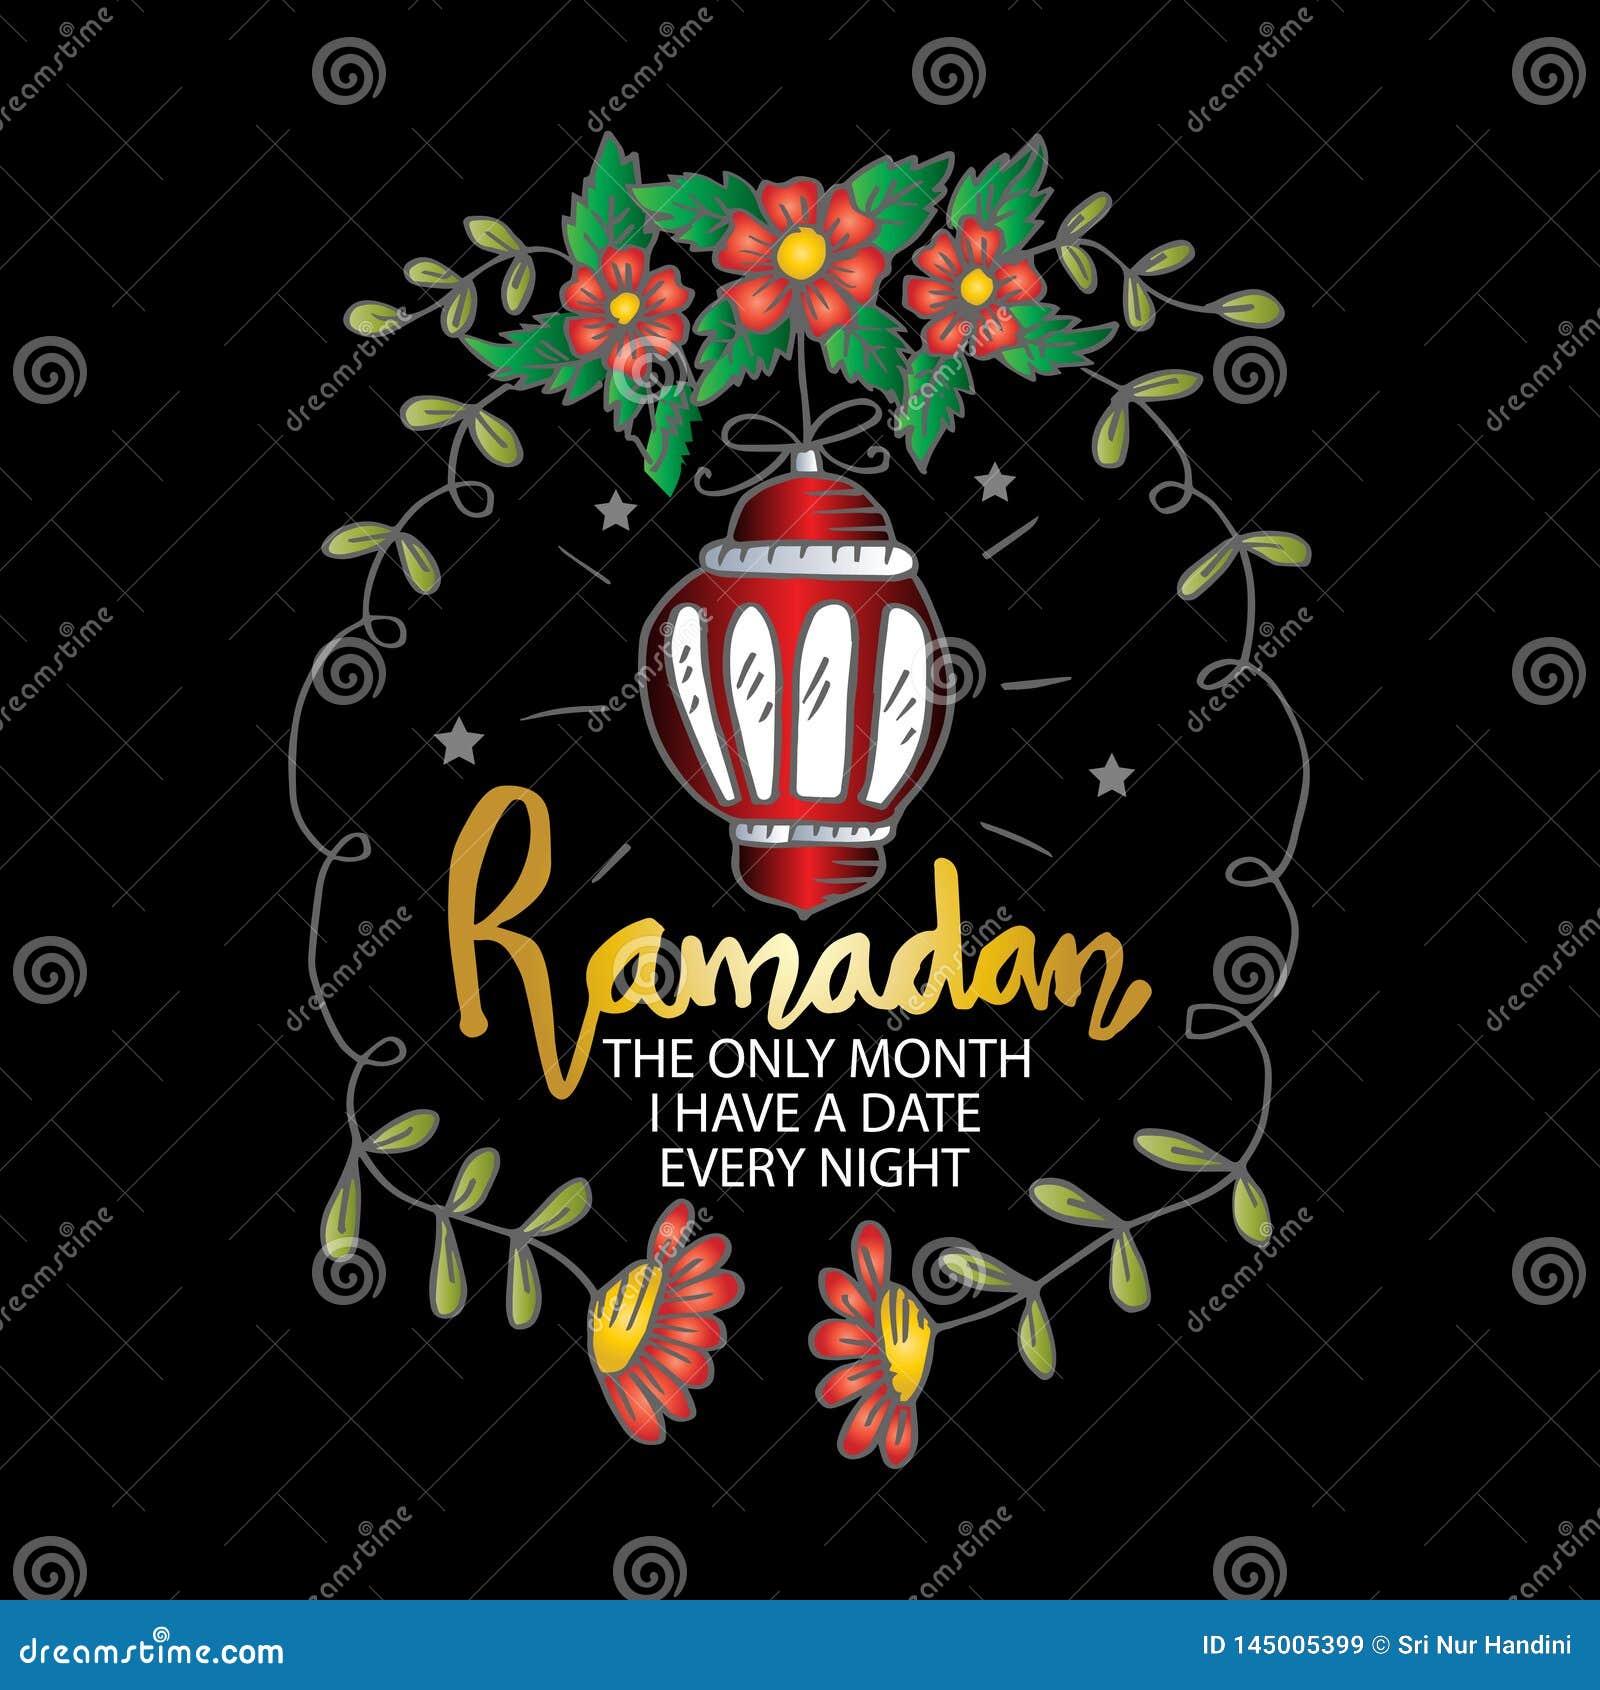 Ramadan den enda m?naden har jag ett datum varje natt